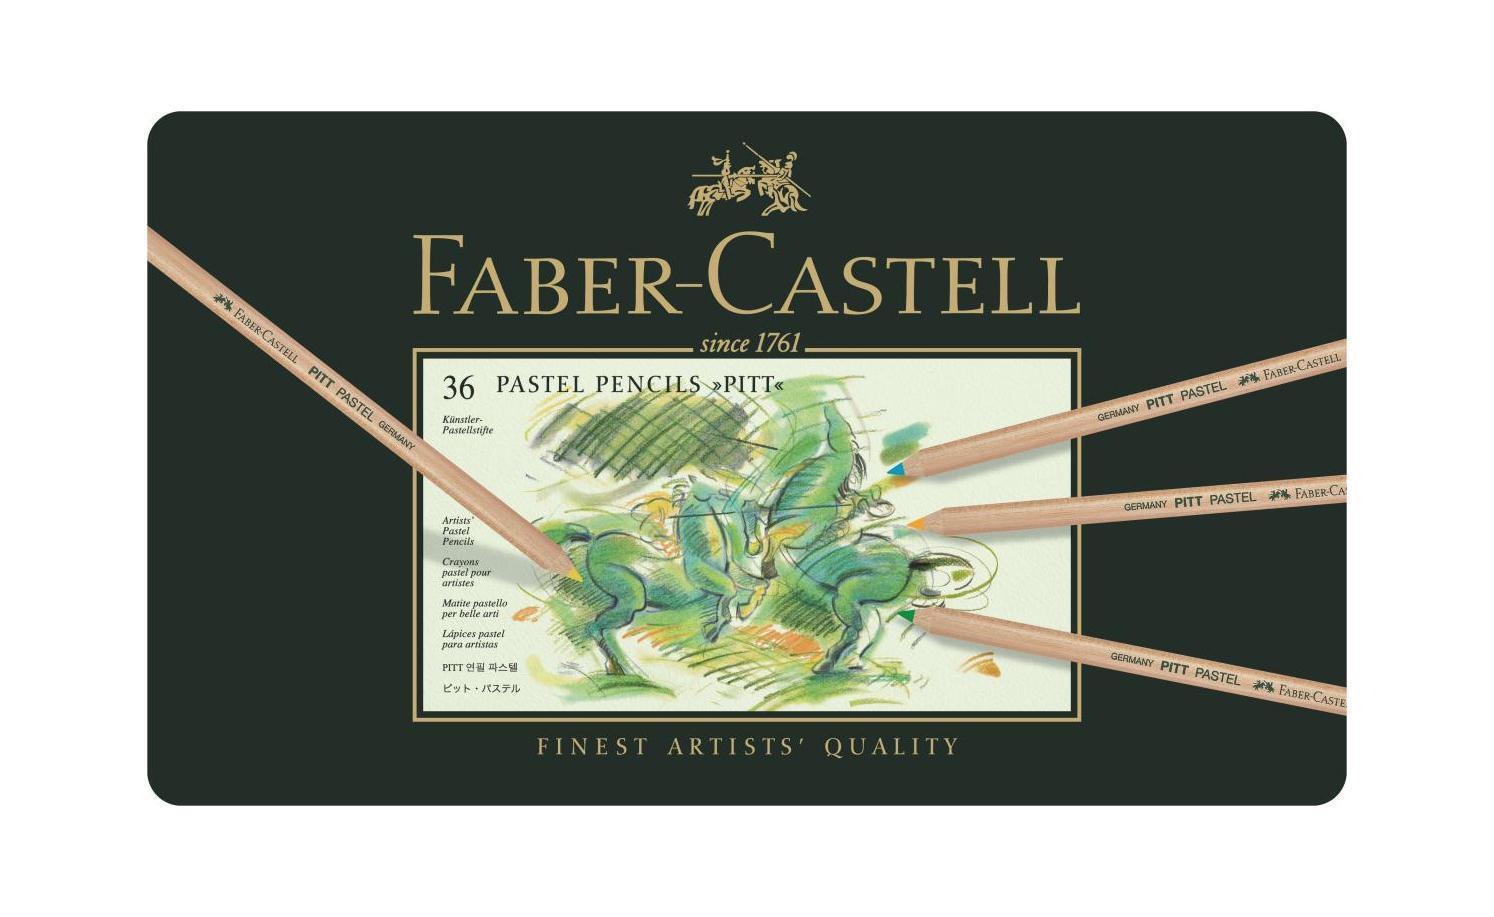 Пастельные карандаши PITT®, набор цветов, в металлической коробке, 36 шт.610842Faber Castell PITT 112136 - это пастельные карандаши высокого качества, устойчивые к выцветанию. Они не содержат воска, имеют исключительно толстые грифели 4.3 мм. Вид карандаша: цветной.Материал: дерево.